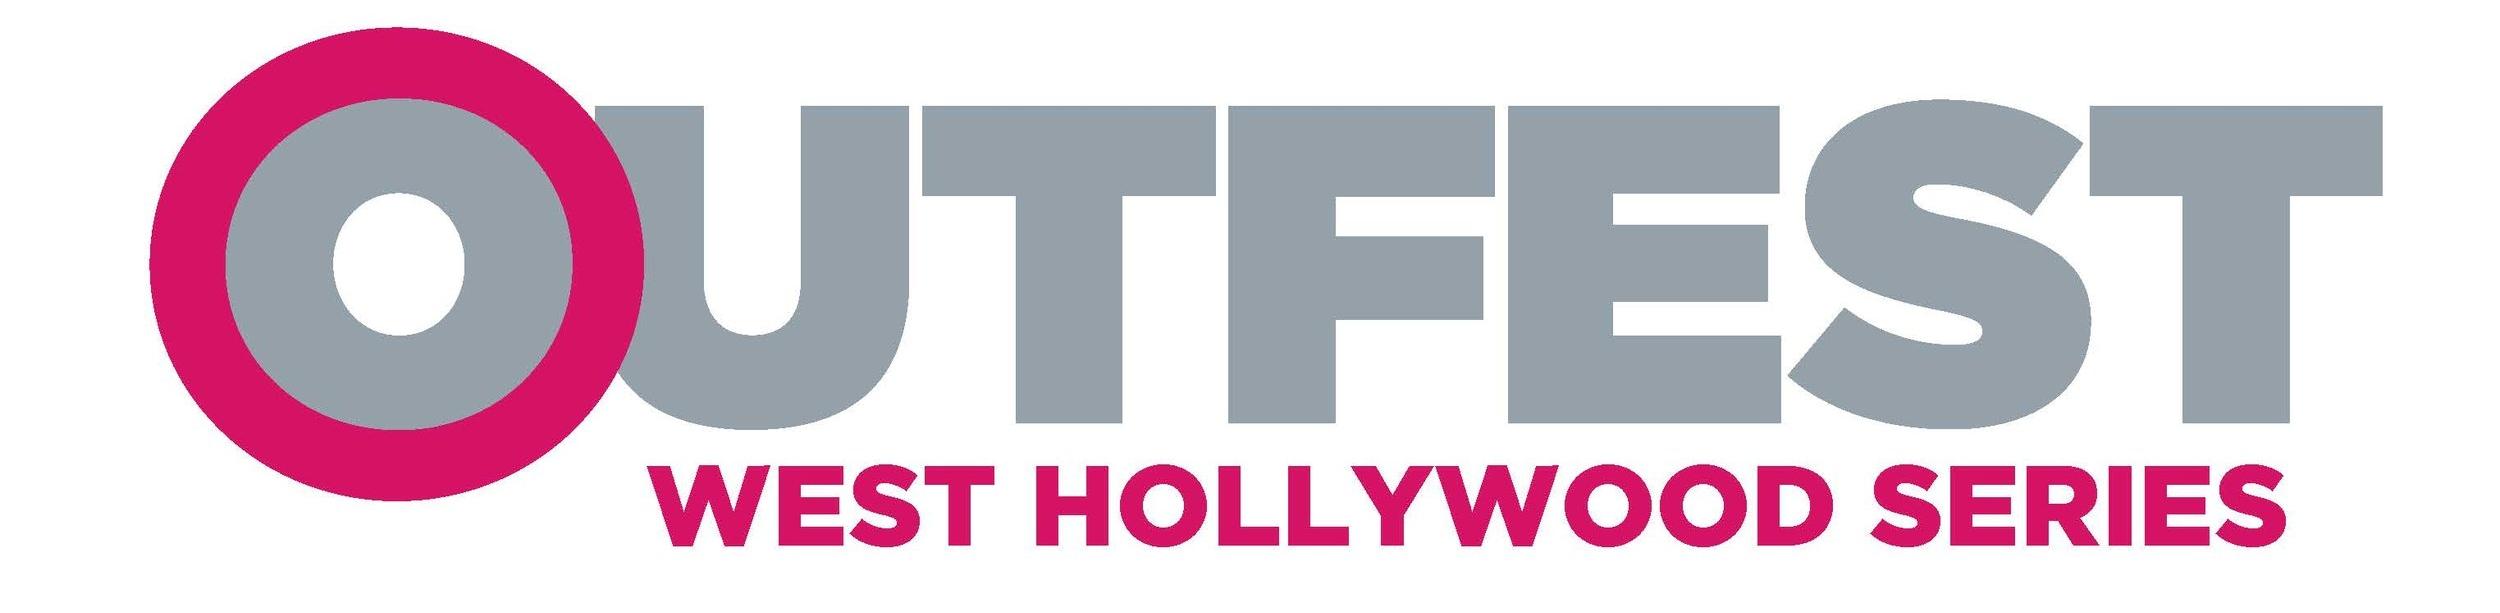 Outfest WeHo Series logo.jpg